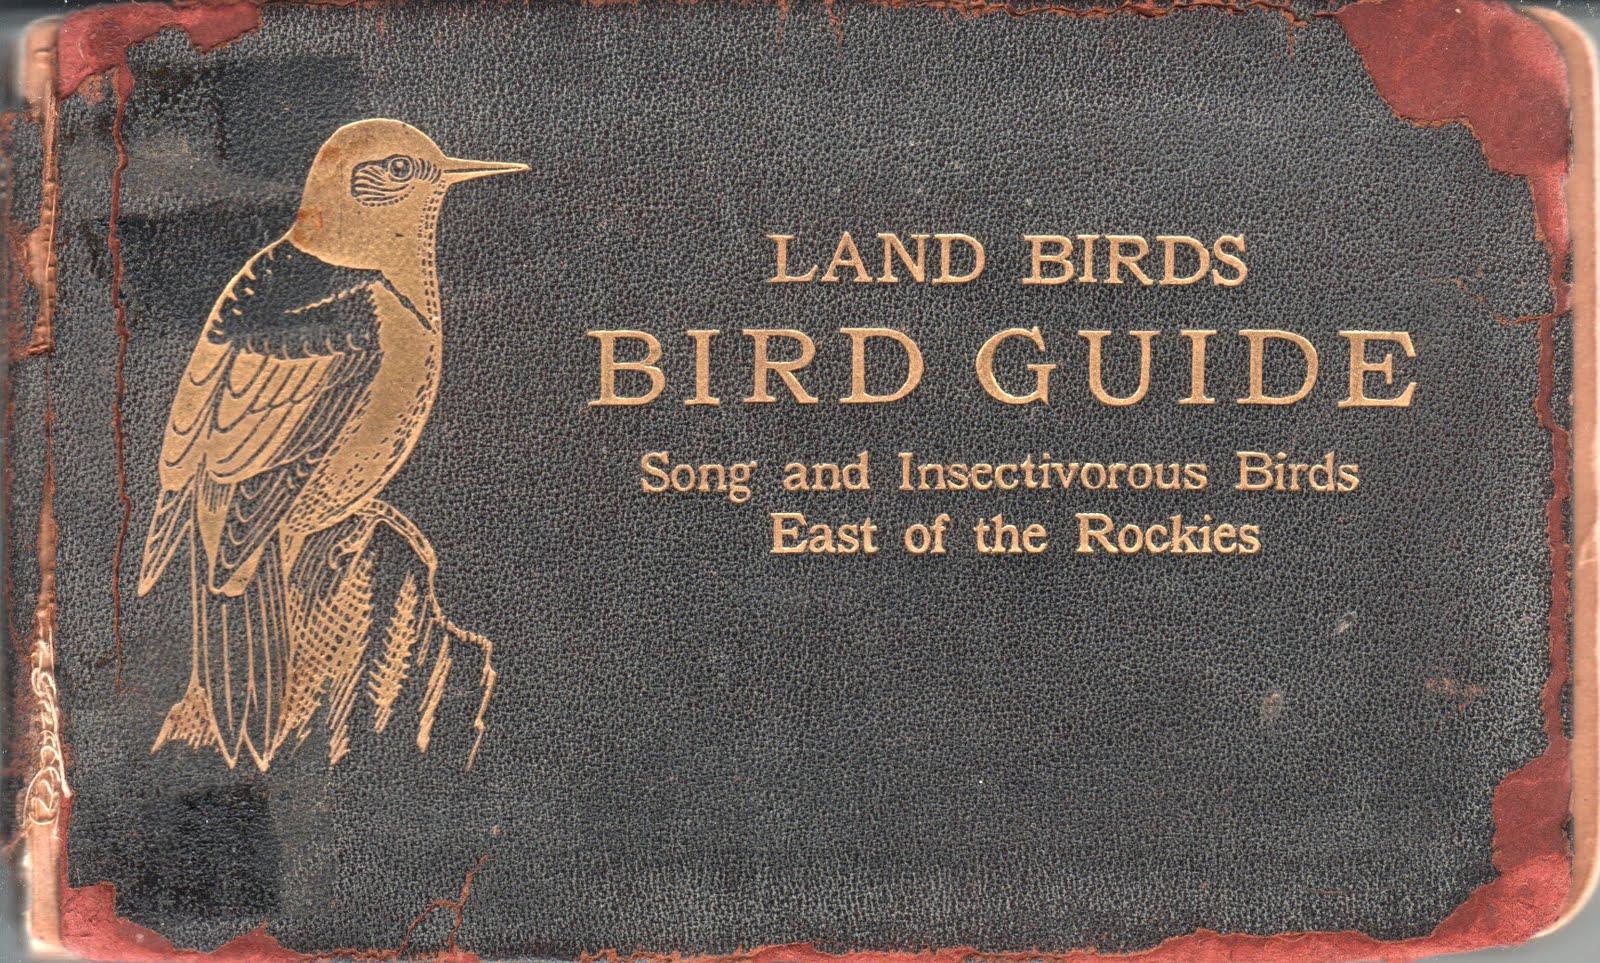 http://2.bp.blogspot.com/_C7blMxjWiKg/THWaANPapUI/AAAAAAAACgQ/JcCmdBlWUMo/s1600/bird%2Bguide.jpg